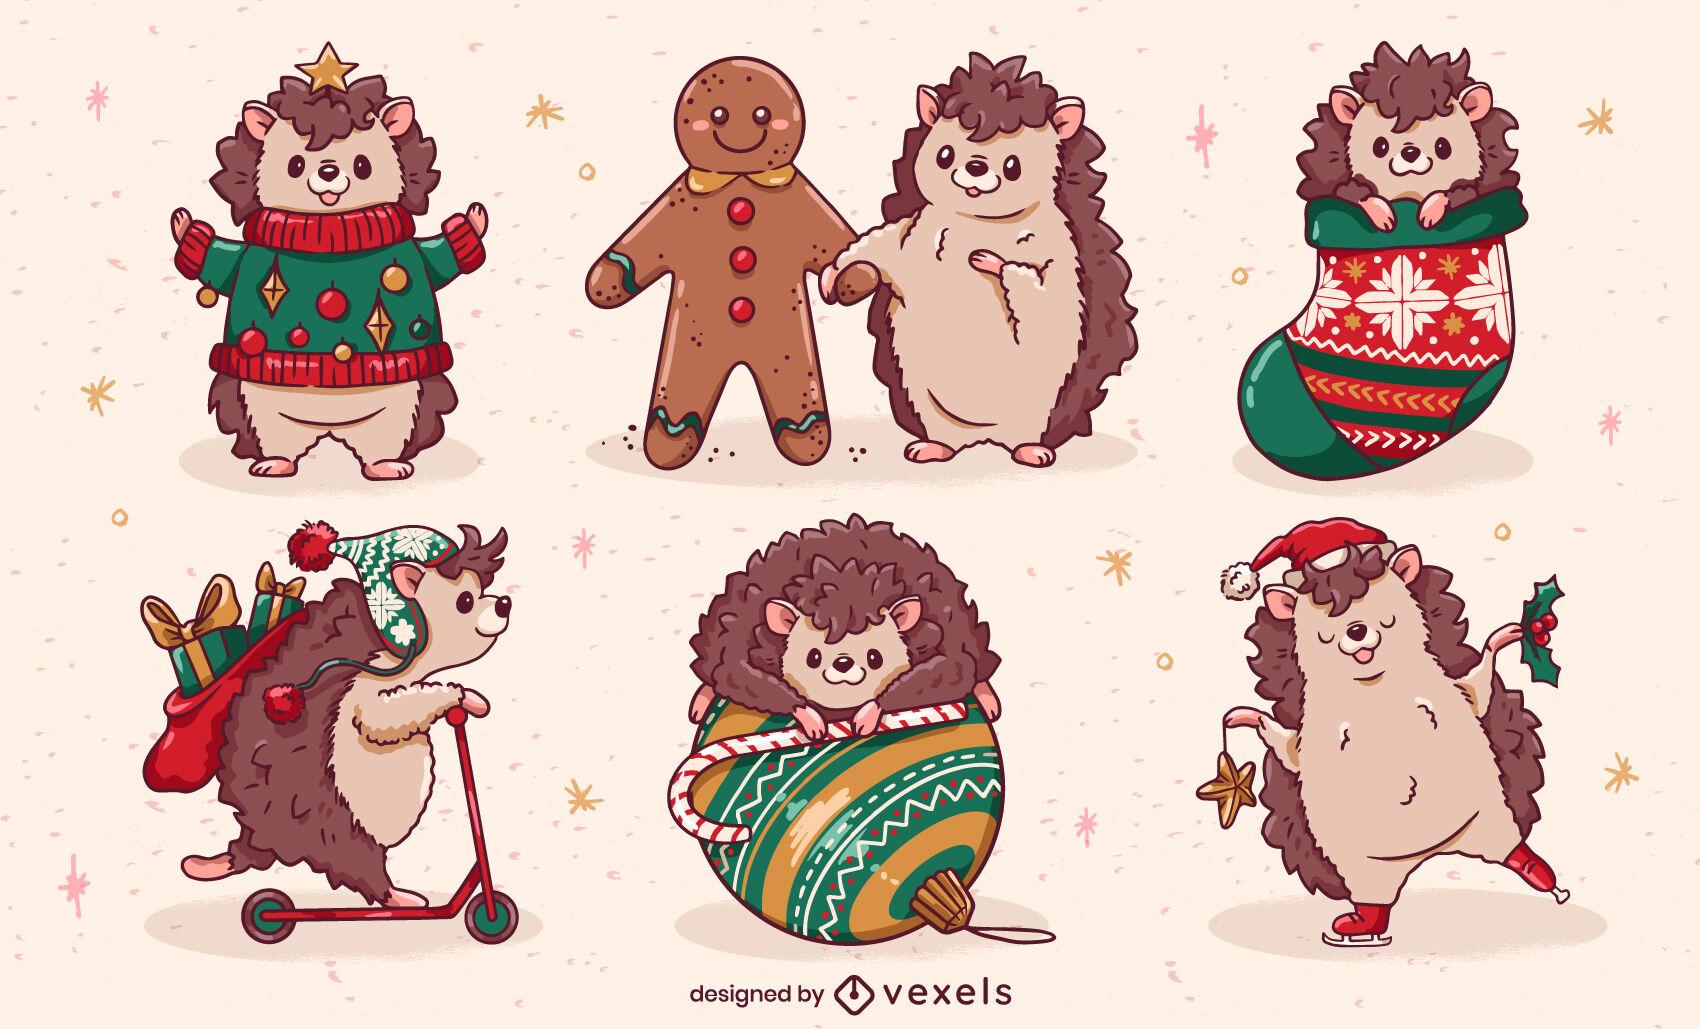 Christmas hedgehog character set